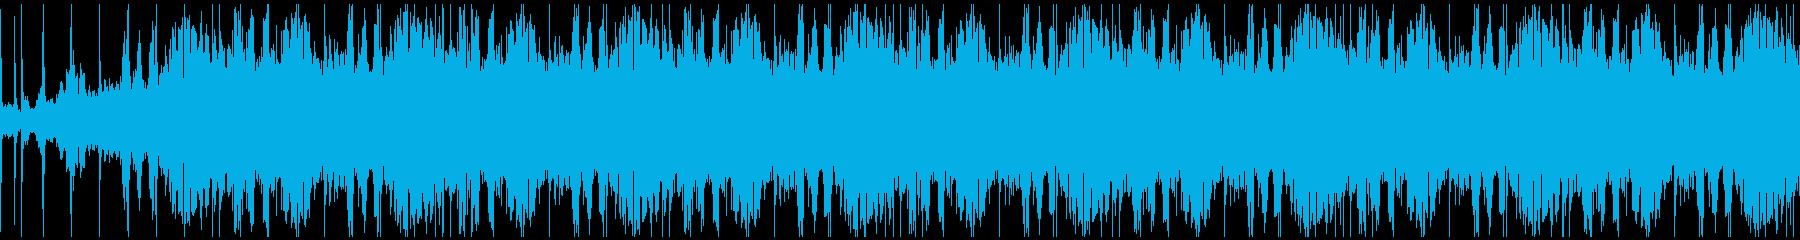 【アツく激しく/メタル/パンク/ギター】の再生済みの波形